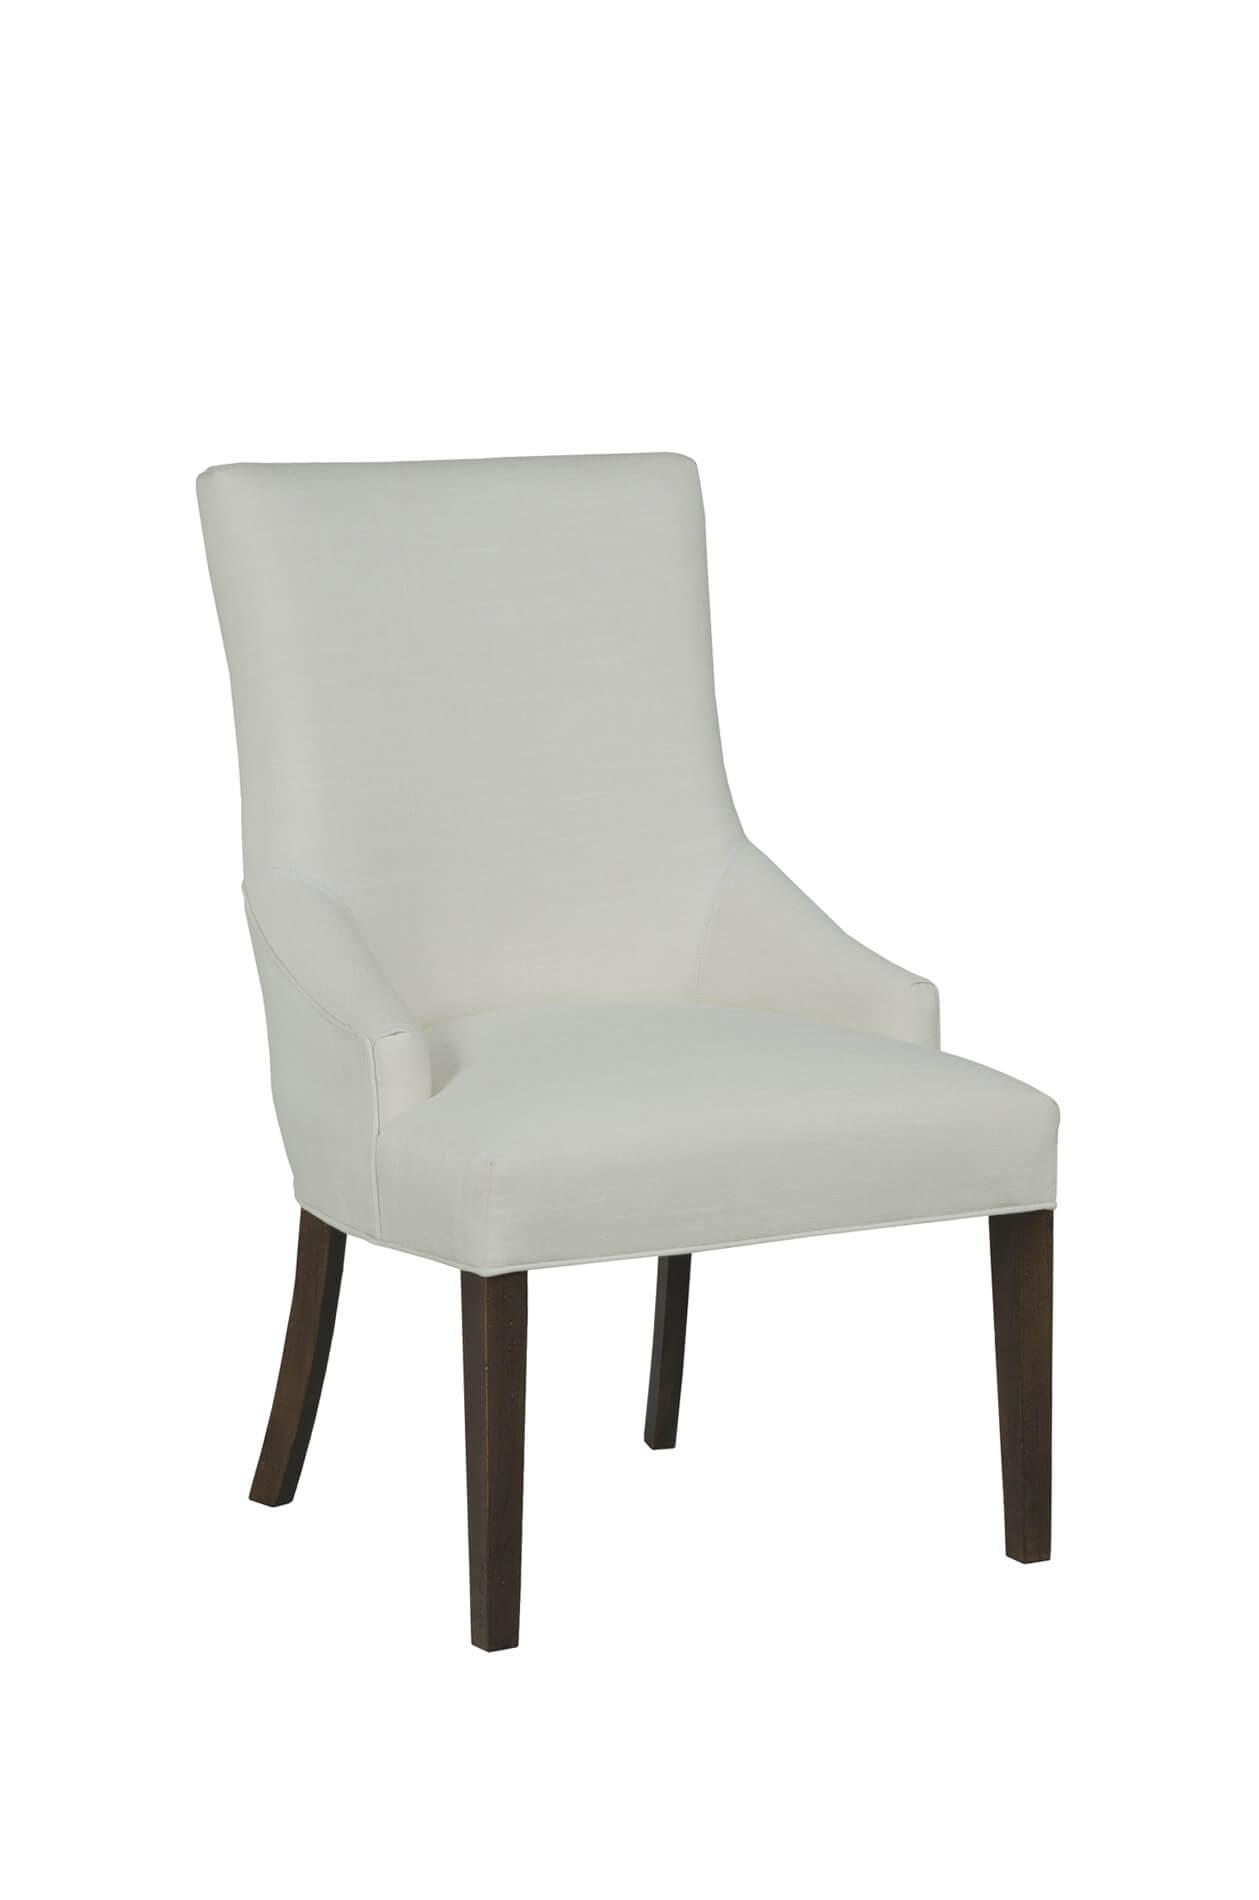 Ashton Upholstered Dining Chair